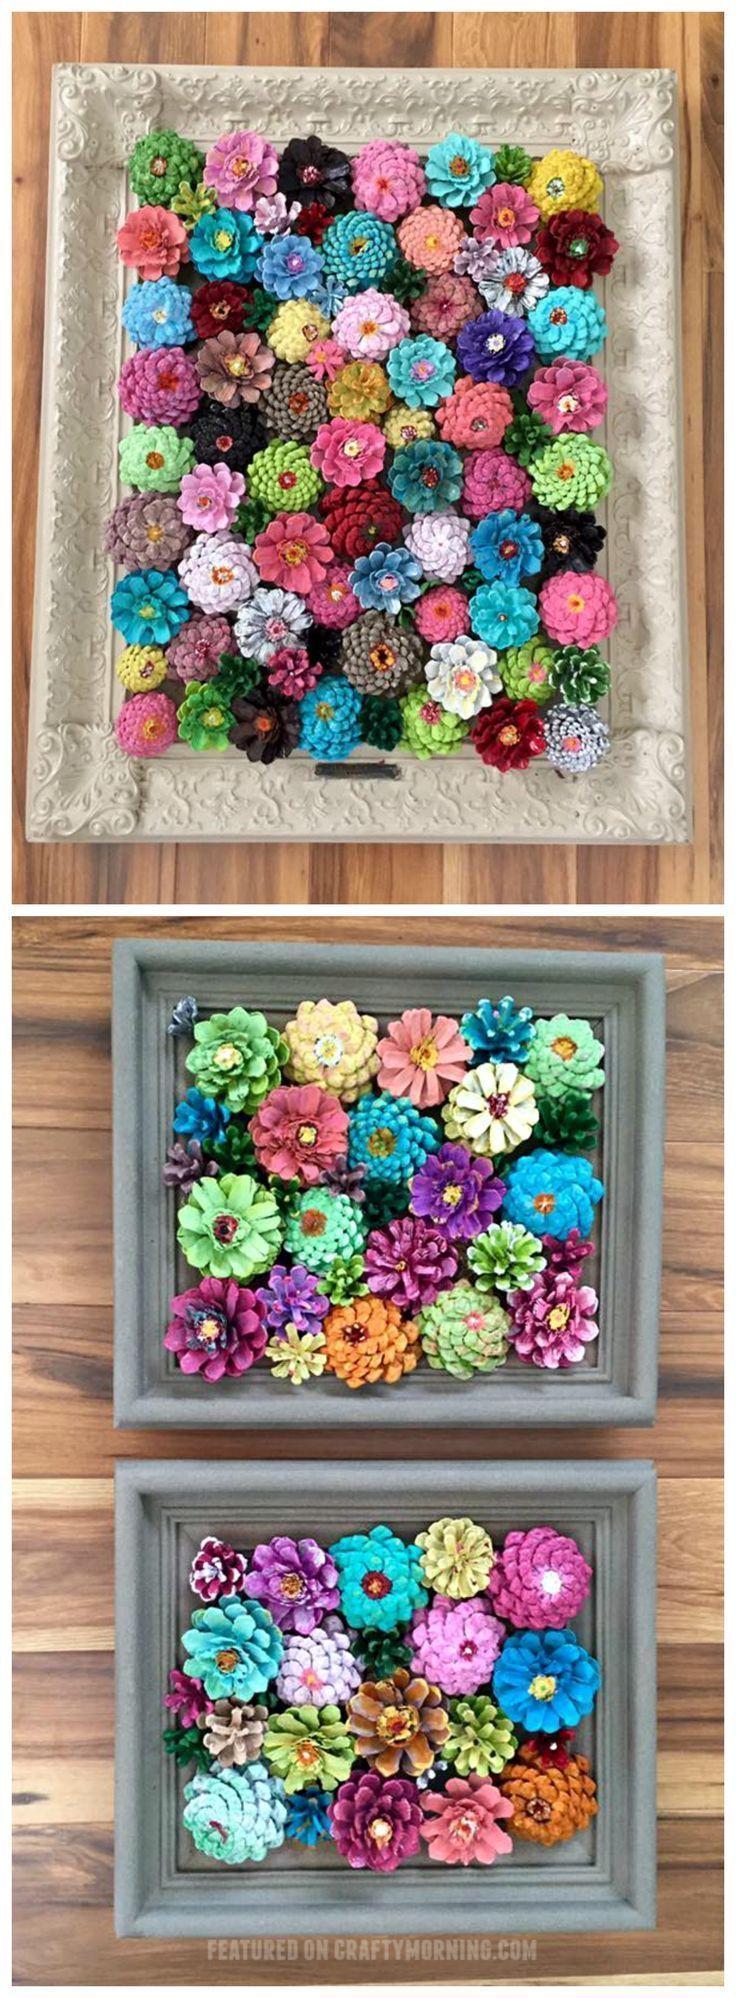 Diese Tannenzapfenblüten in einem Rahmen sind so hübsch! Perfektes Handwerk für Sommer oder